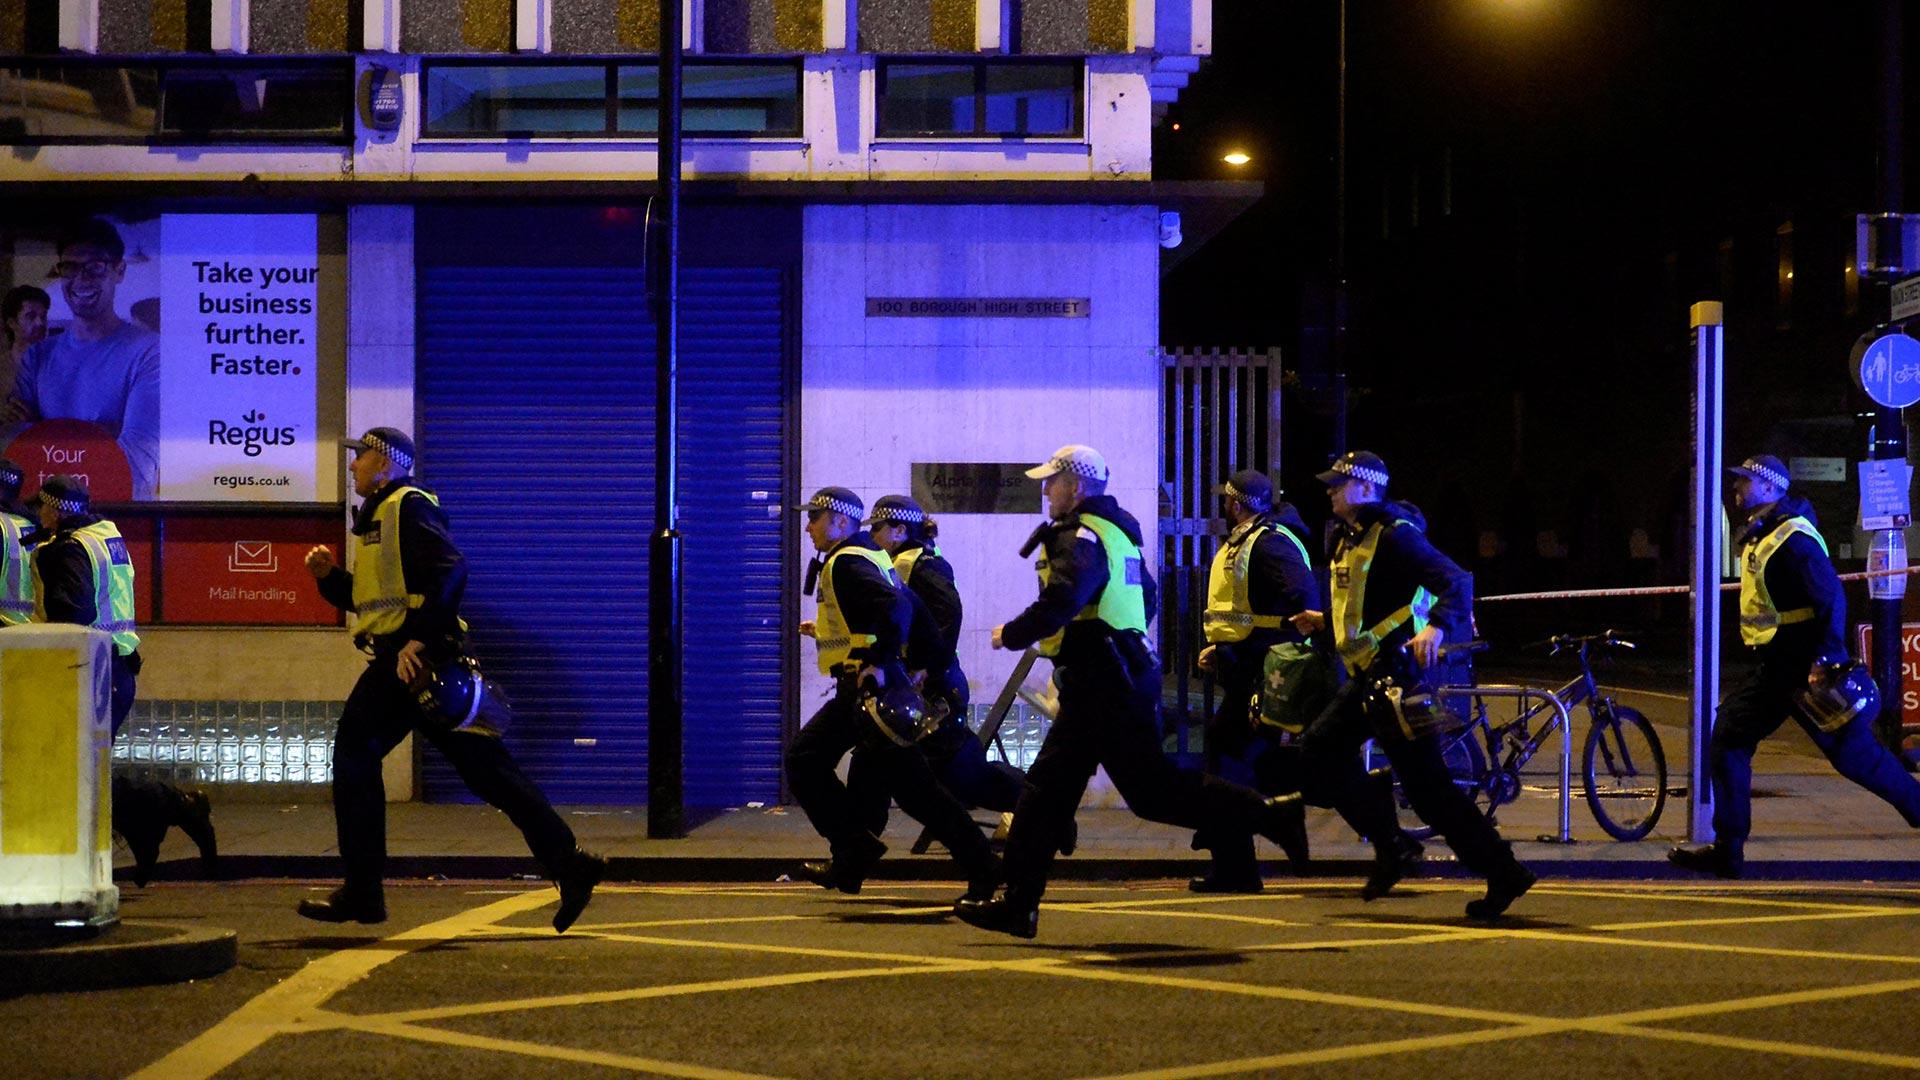 La policía respondió a tres incidentes simultáneos ocurridos en el centro de Londres (Reuters)